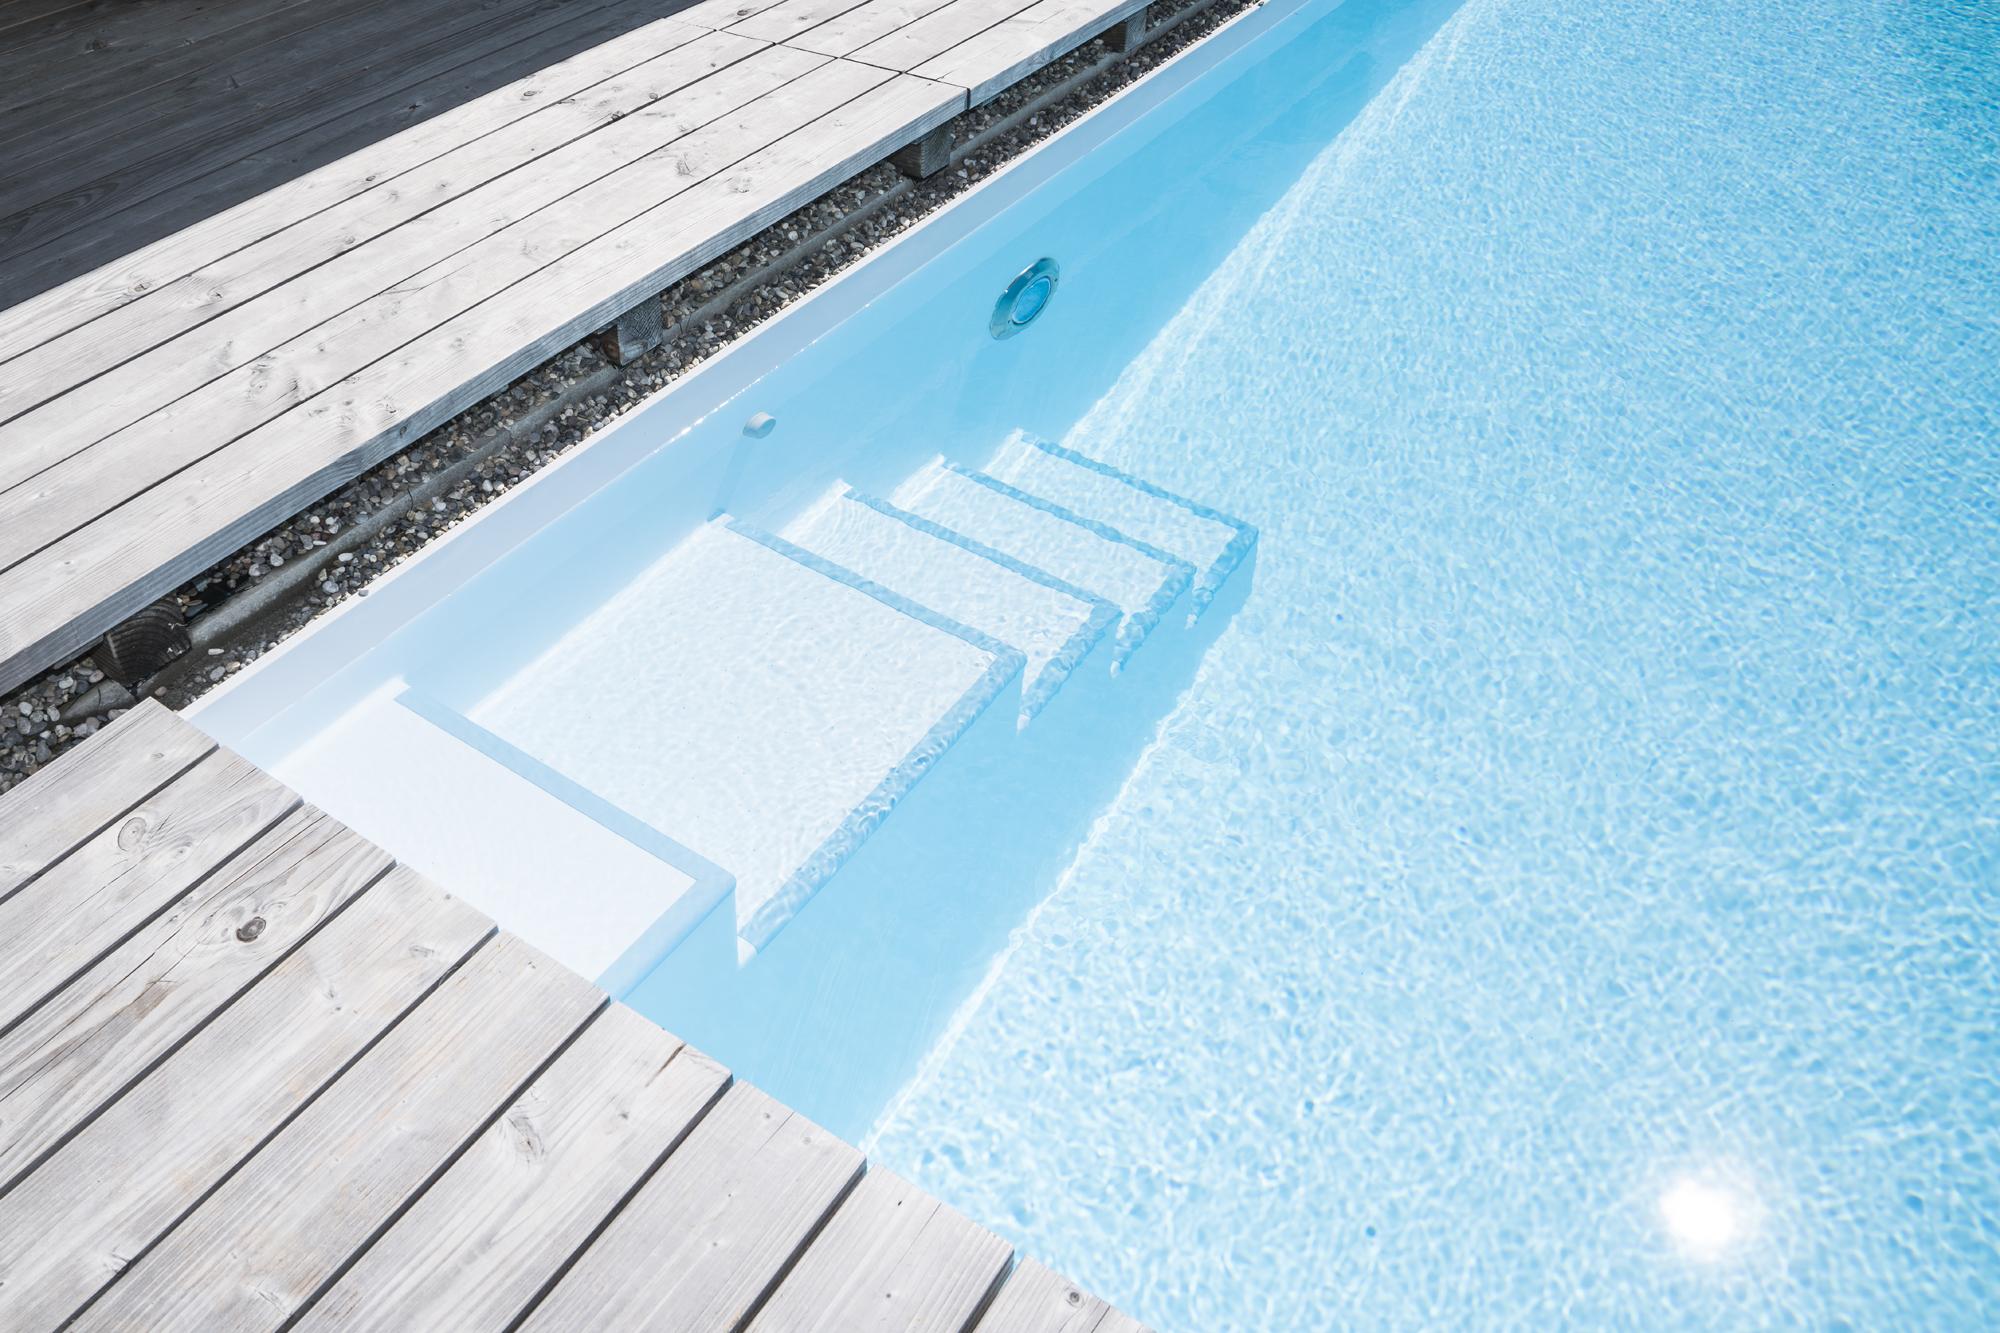 Schwimmbadtreppe Valencia dort mit perlenden Stufen